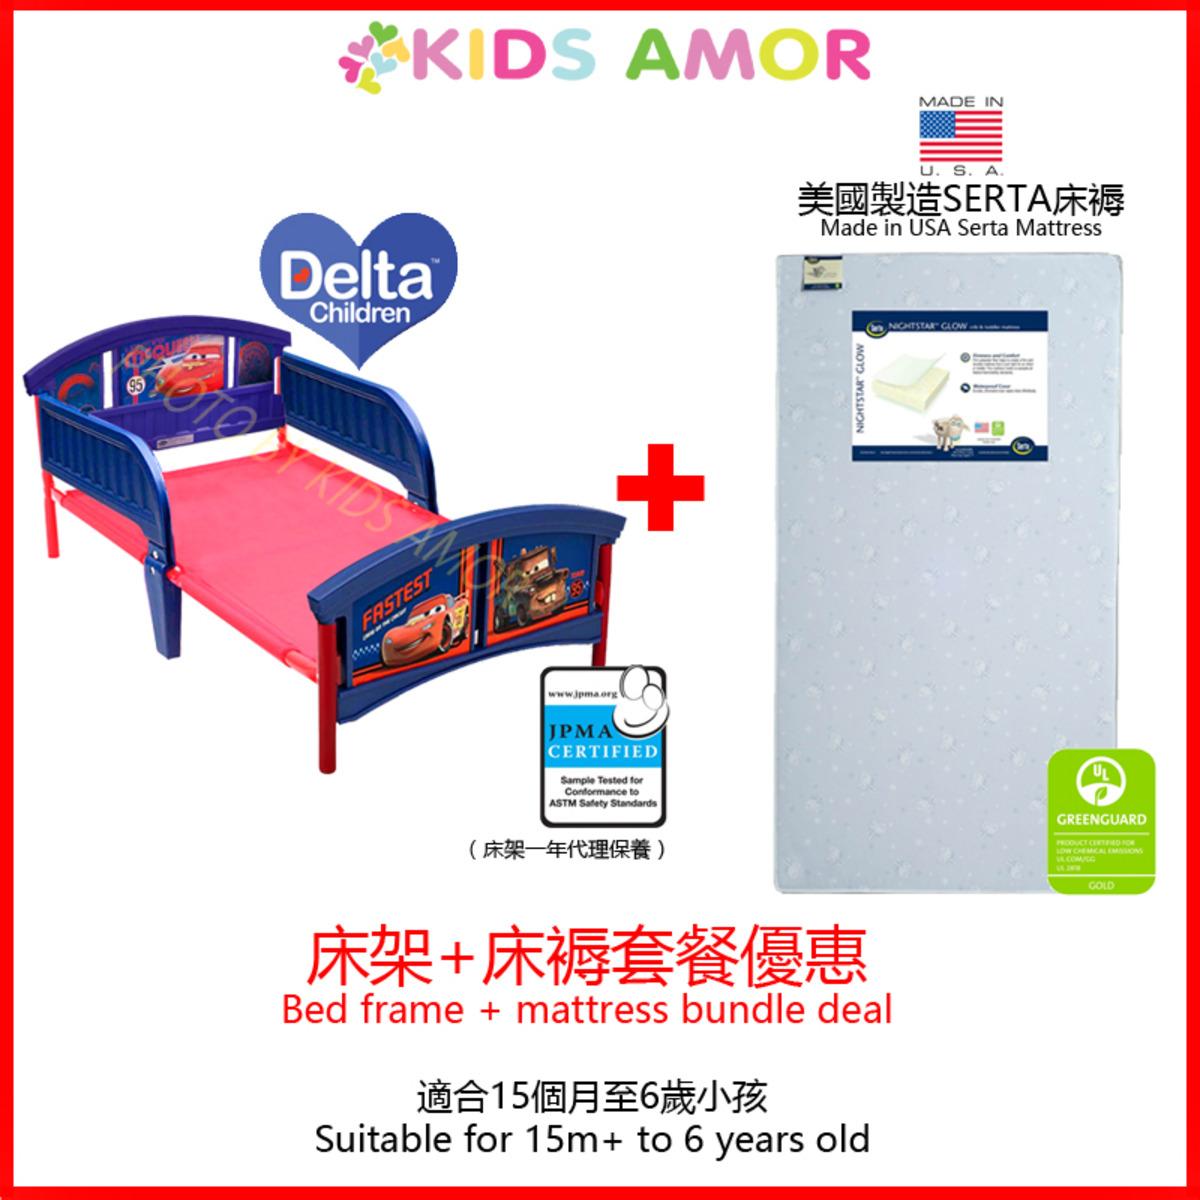 迪士尼反斗車王床架 + 美國製造 Serta 床褥